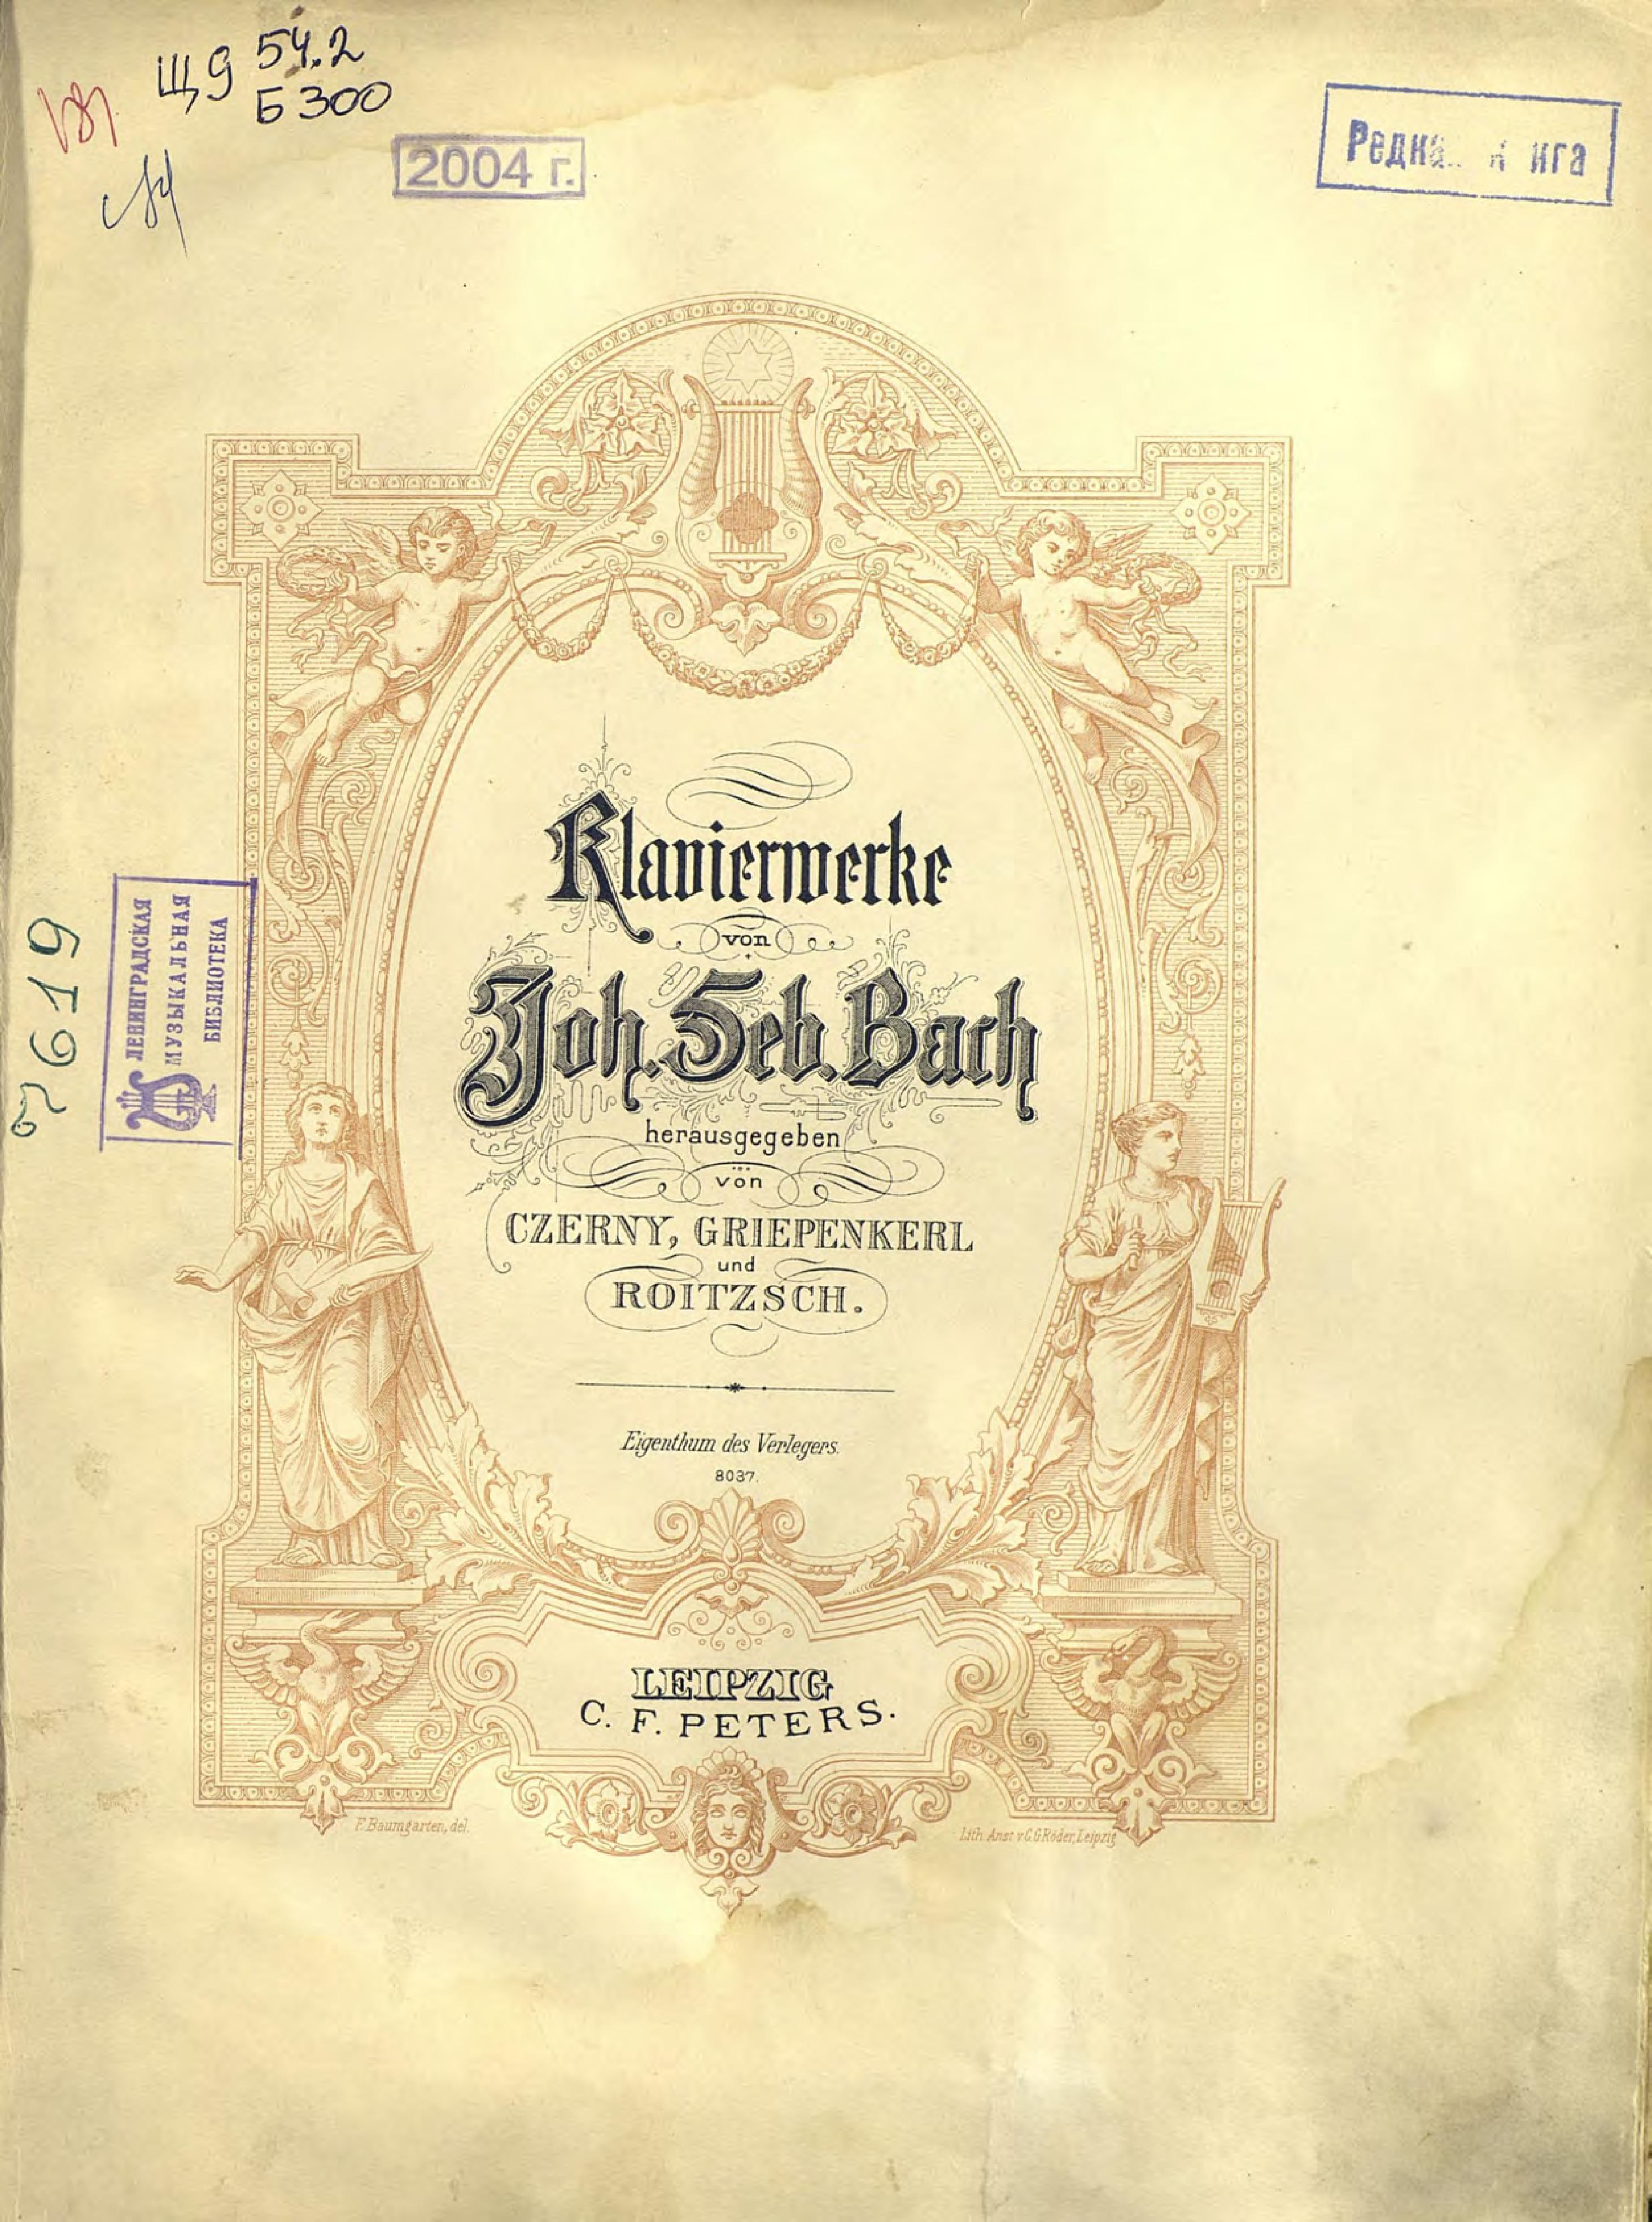 Иоганн Себастьян Бах Klavierwerke v. J. S. Bach цены онлайн